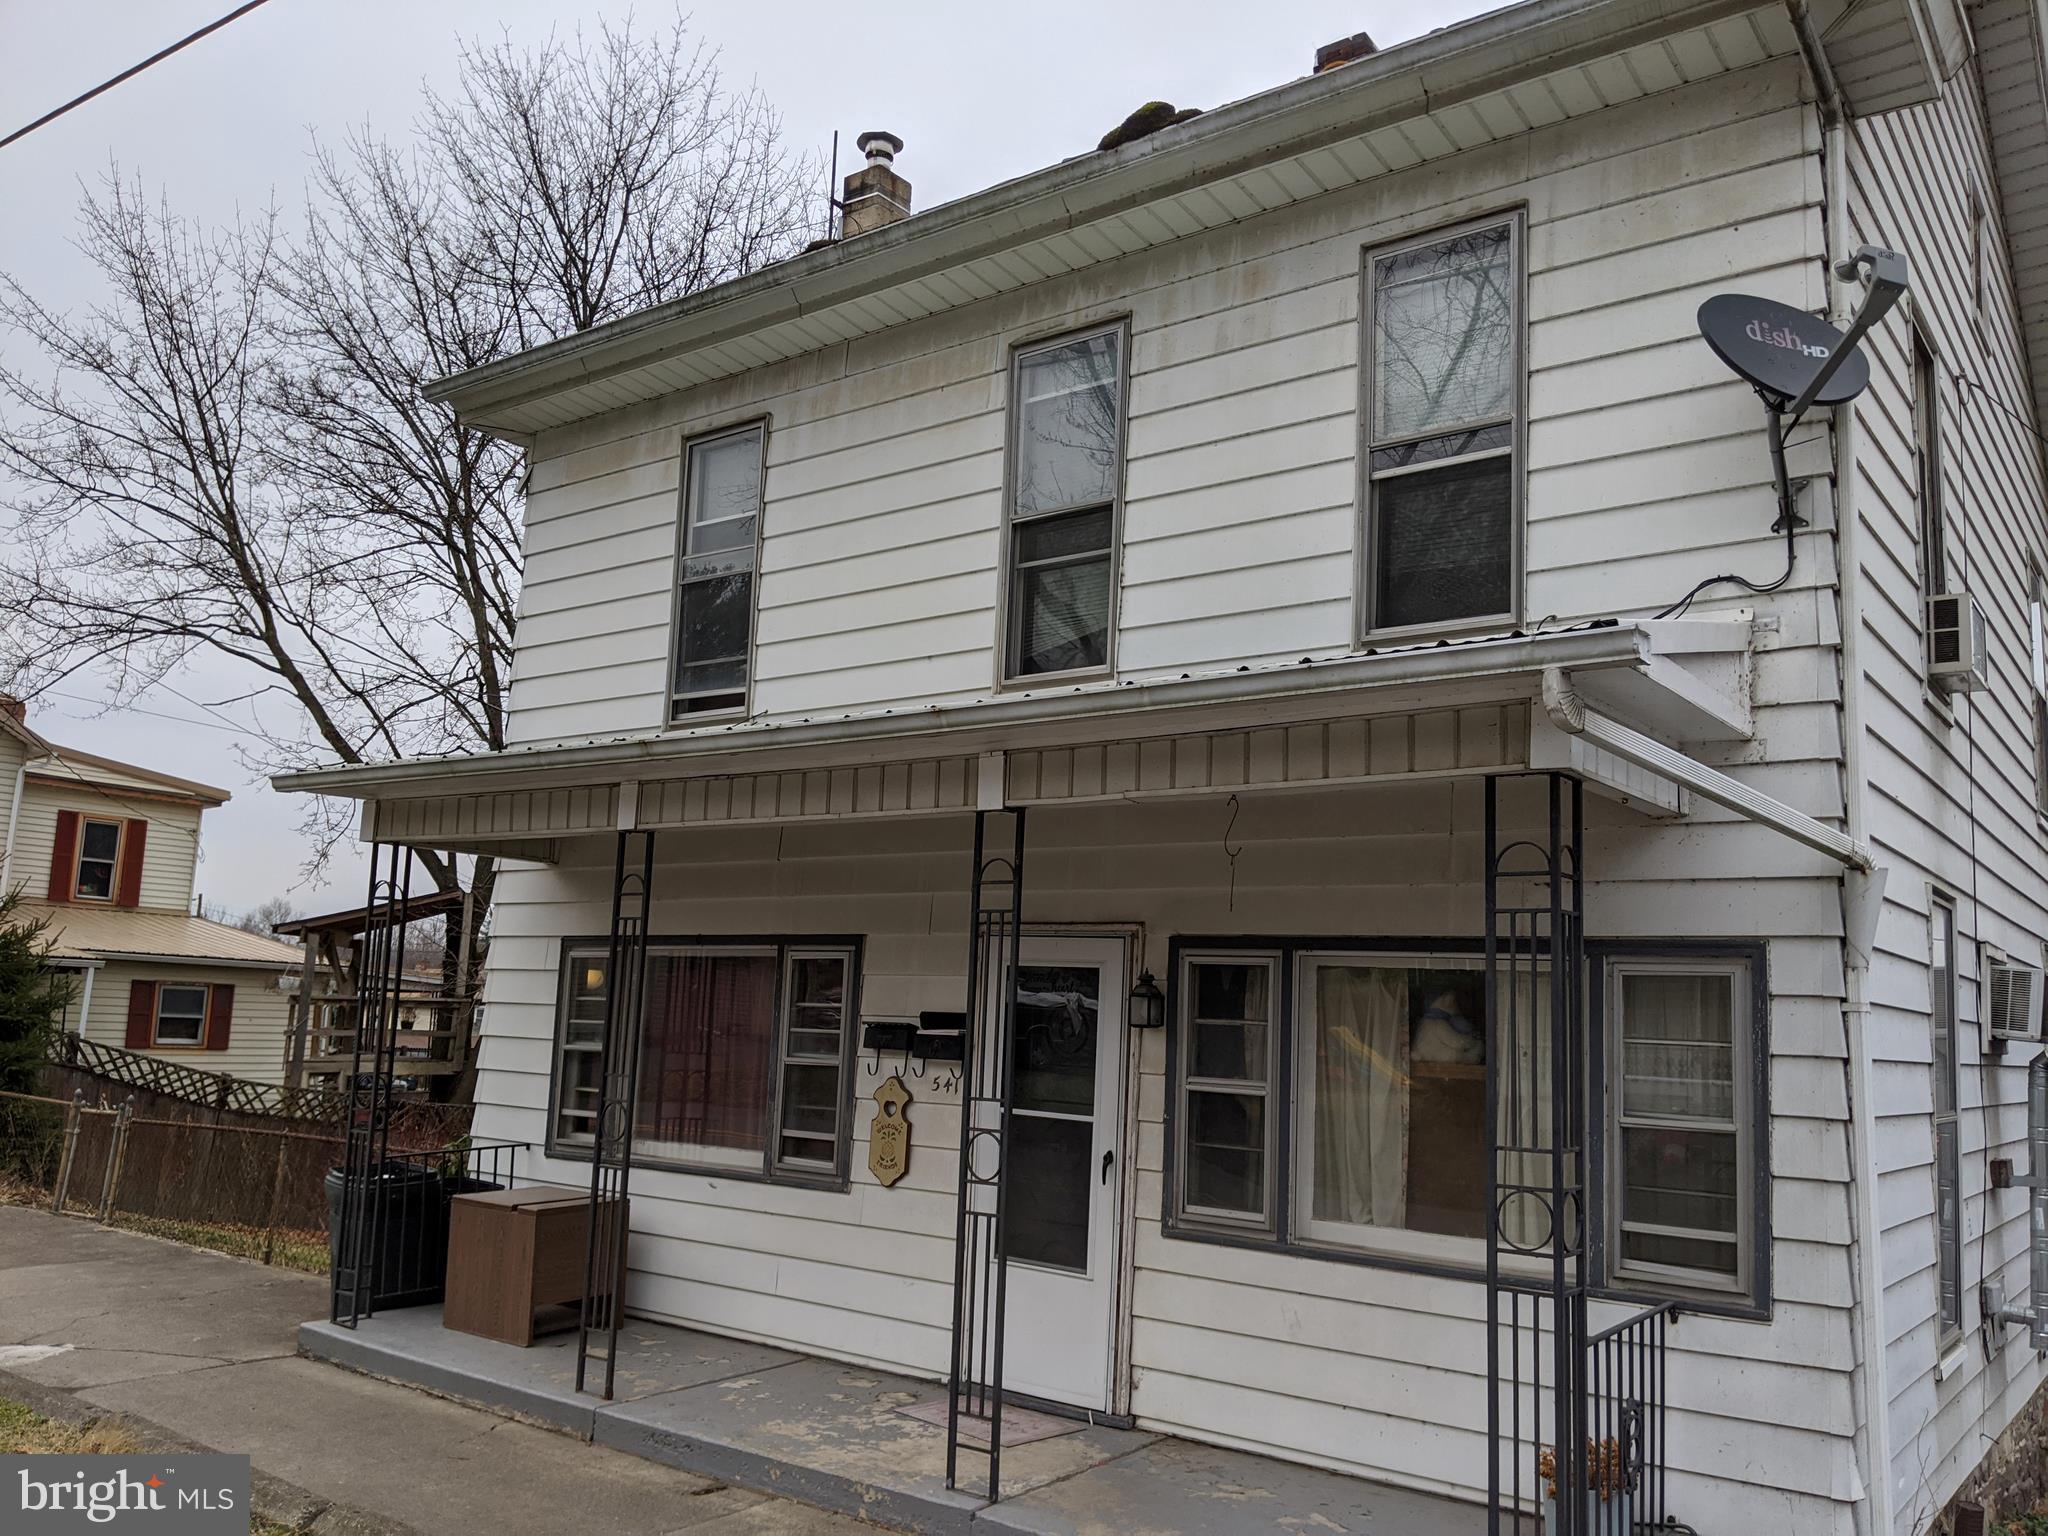 541 S 4TH STREET, NEWPORT, PA 17074